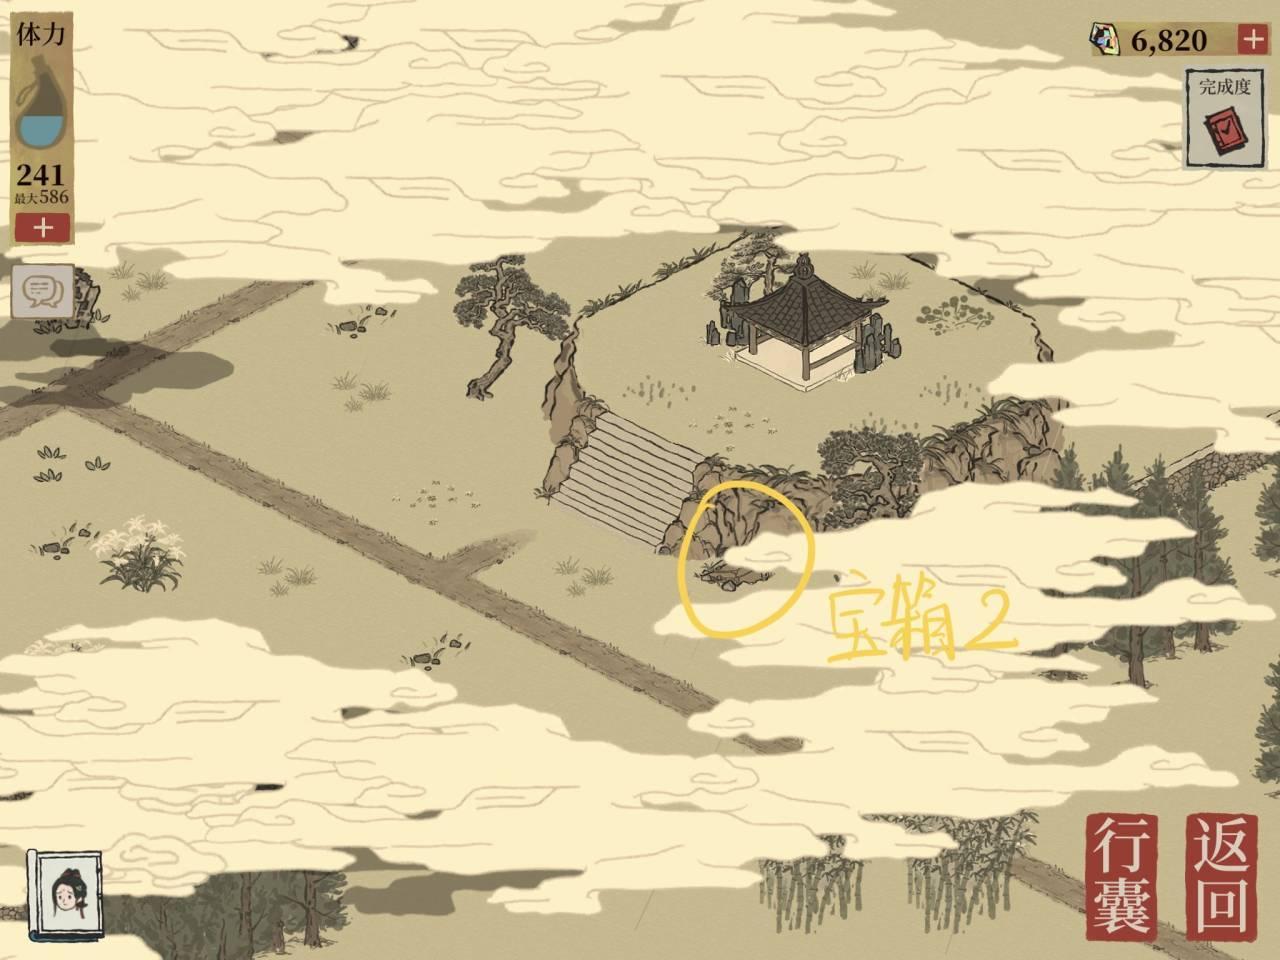 江南百景图虎丘宝箱和钥匙位置2